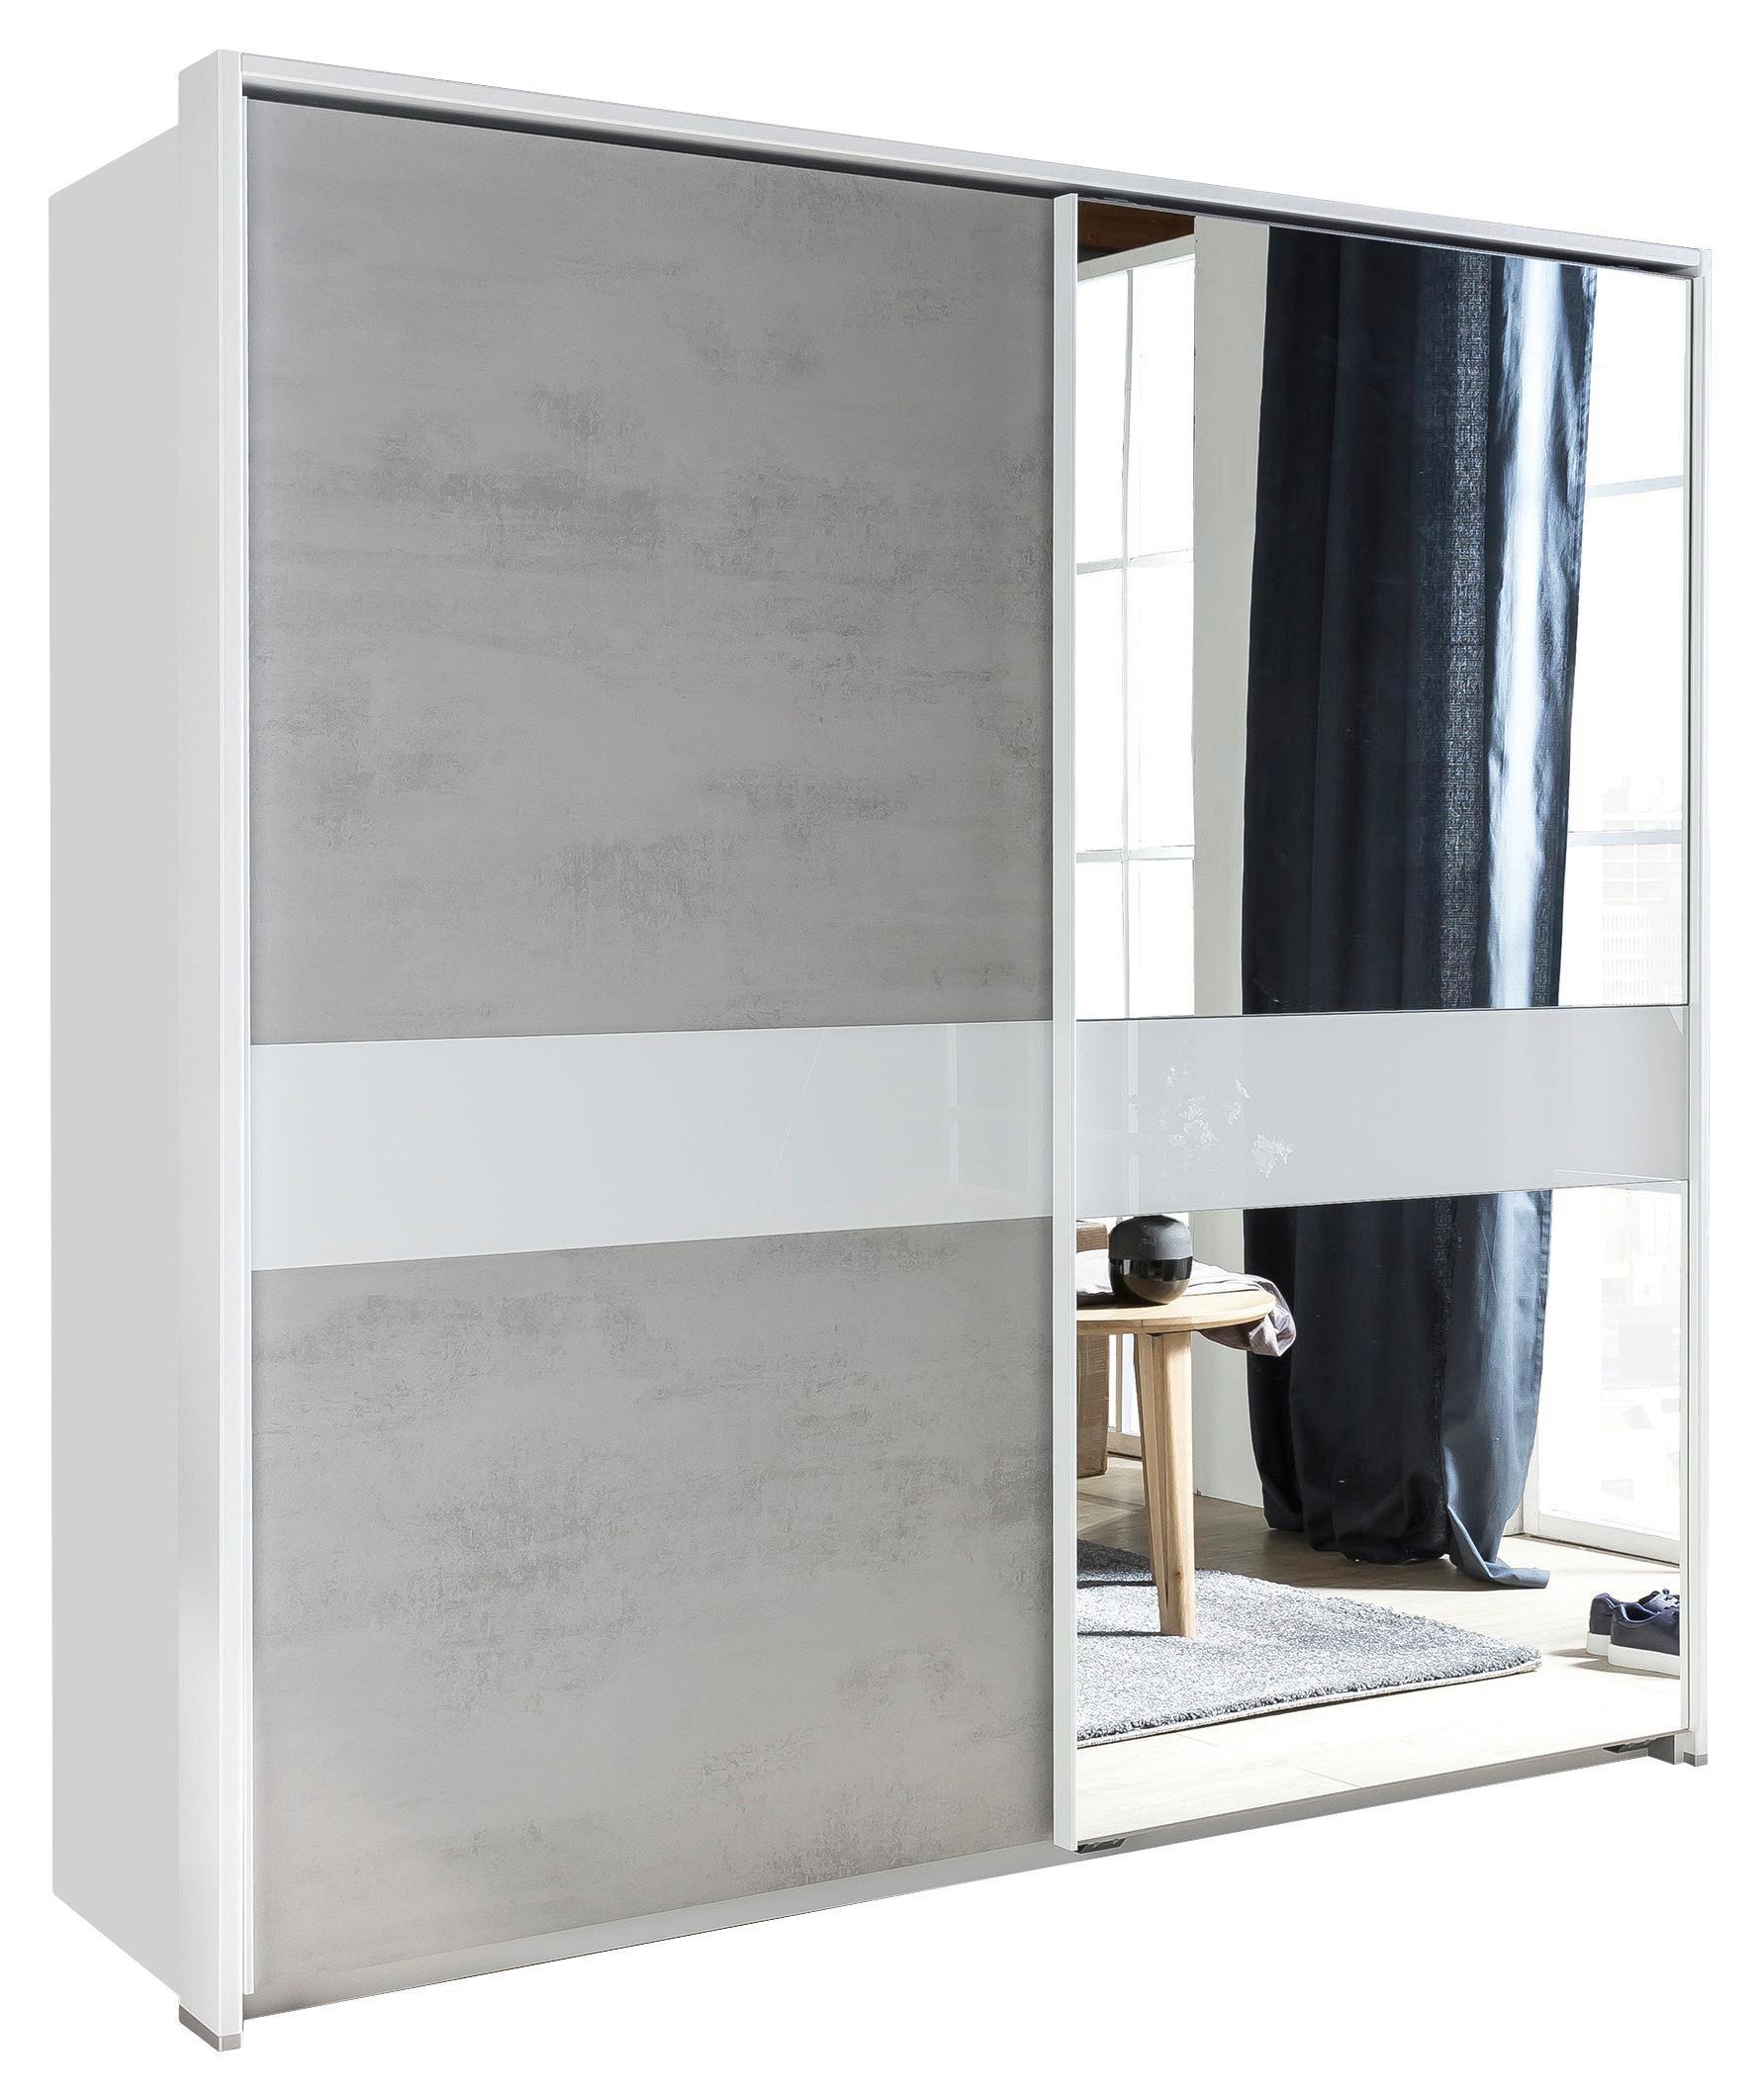 Schwebetürenschrank weiß grau  Schwebetürenschrank in Grau/Weiß online kaufen ➤ mömax